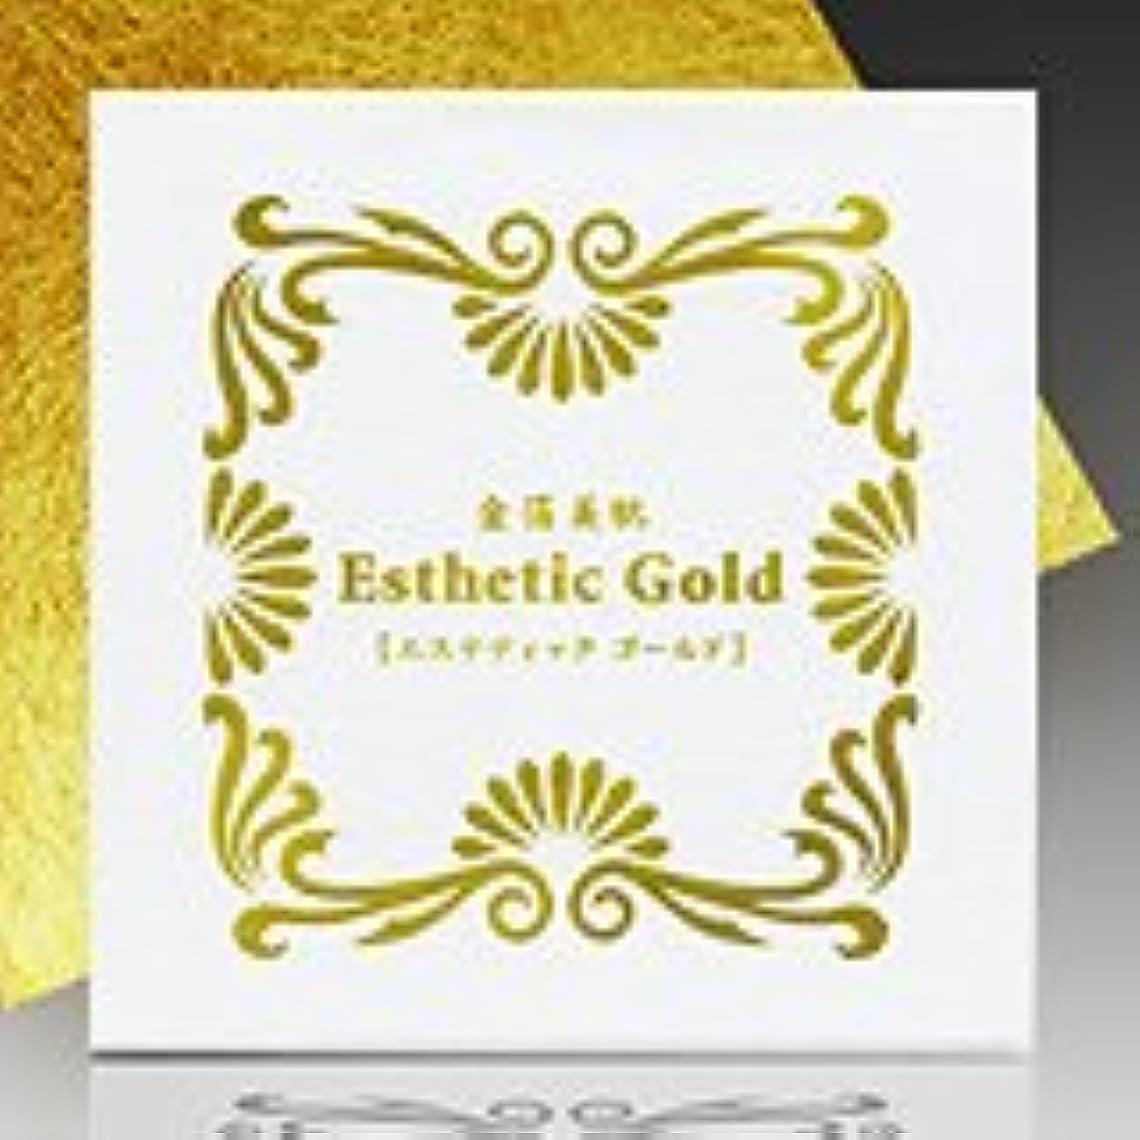 後者形容詞リボン【金箔 美肌】エステティック ゴールド 24K-10枚入【日本製】